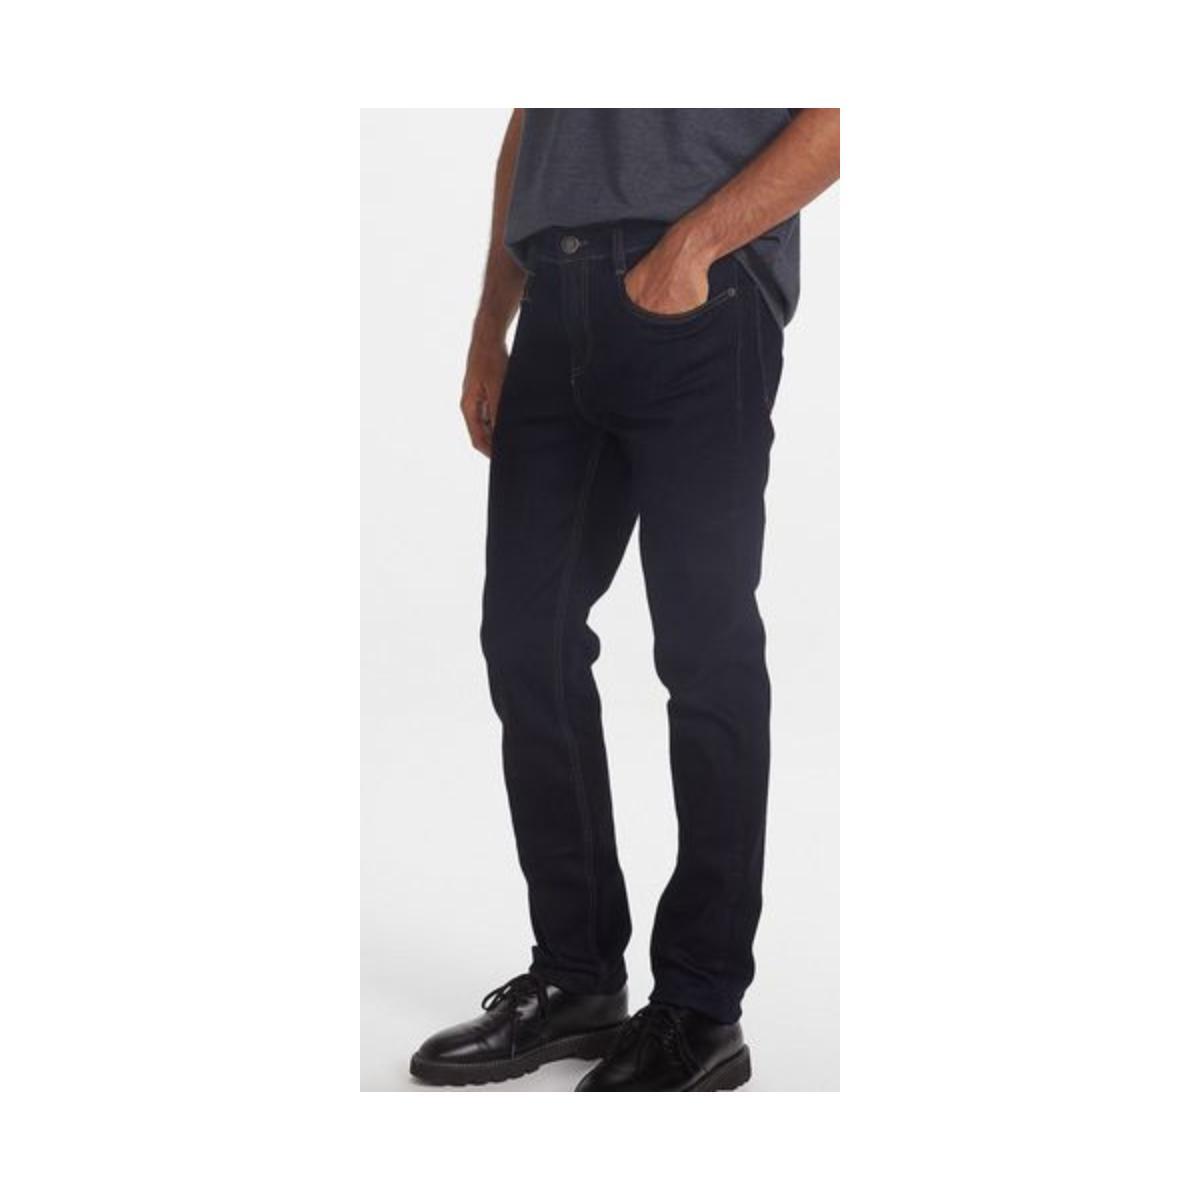 Calça Masculina Hering Kz0f 1esi Jeans Escuro